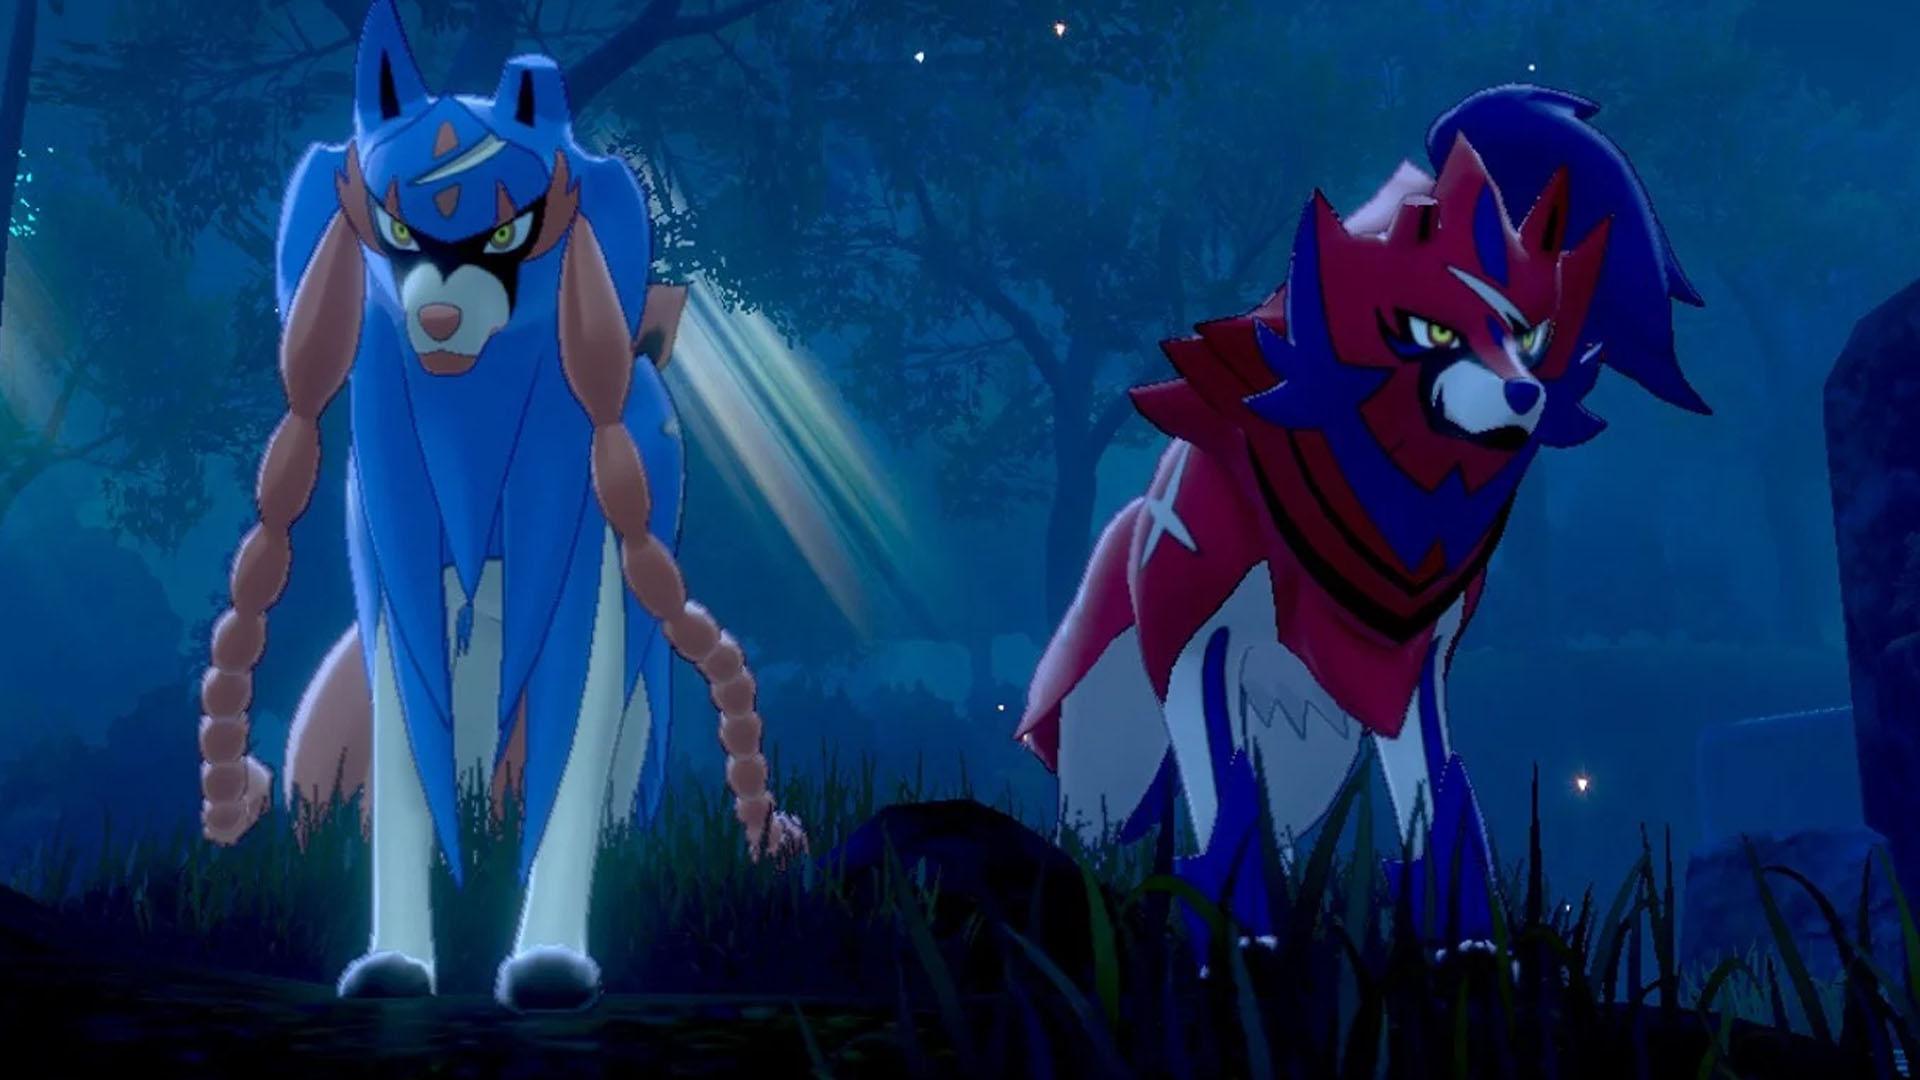 Pokémon Spada e Scudo Zacian e Zamazenta